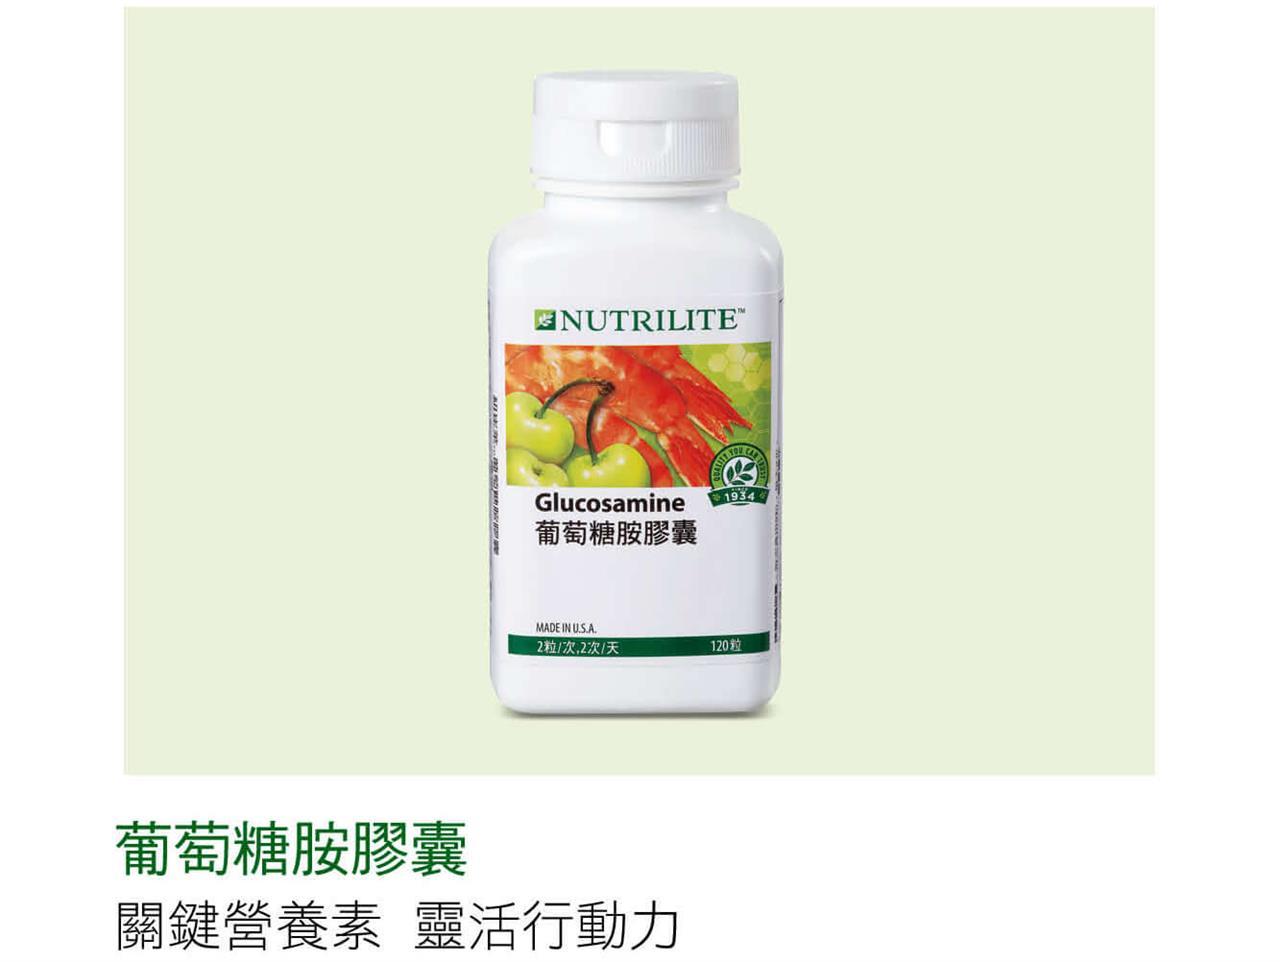 萄糖胺膠囊 關鍵營養素  靈活行動力